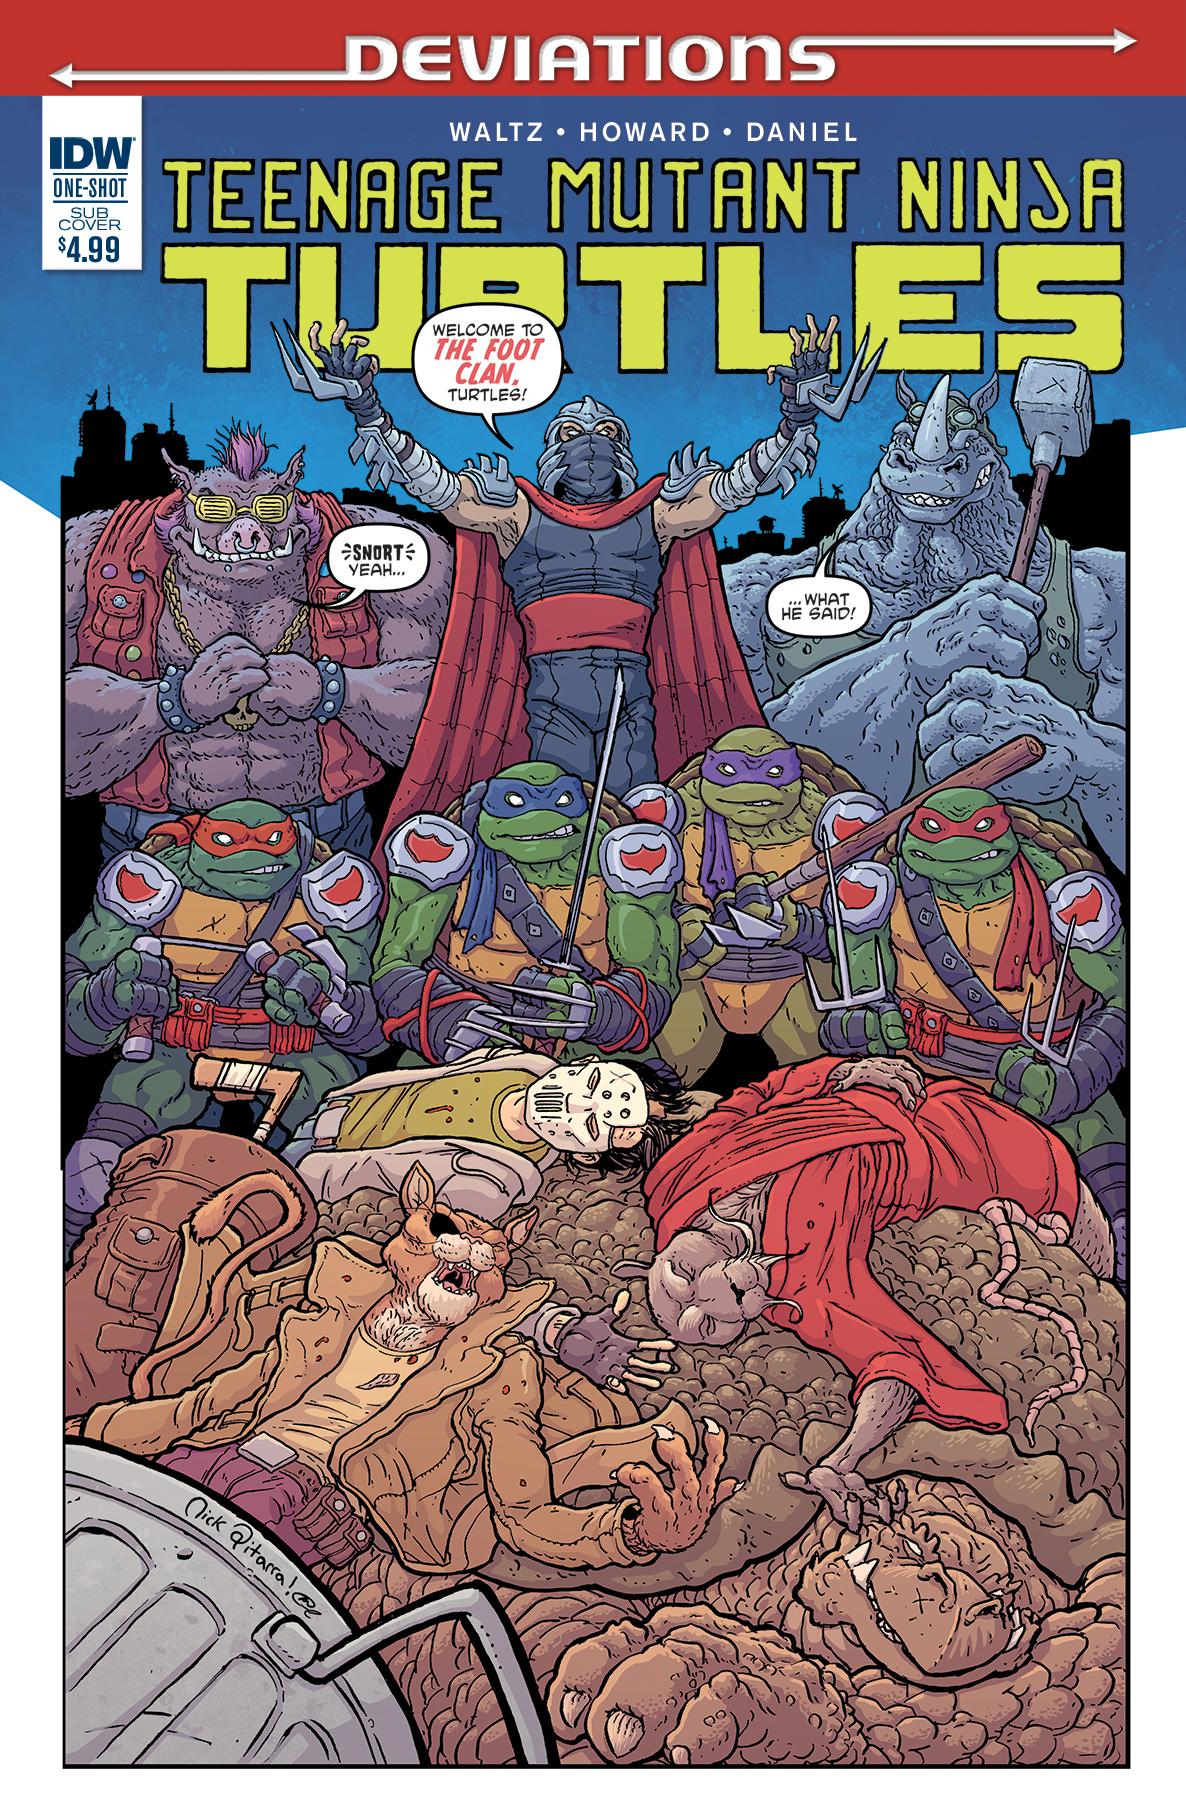 Teenage Mutant Ninja Turtles Deviations Cover